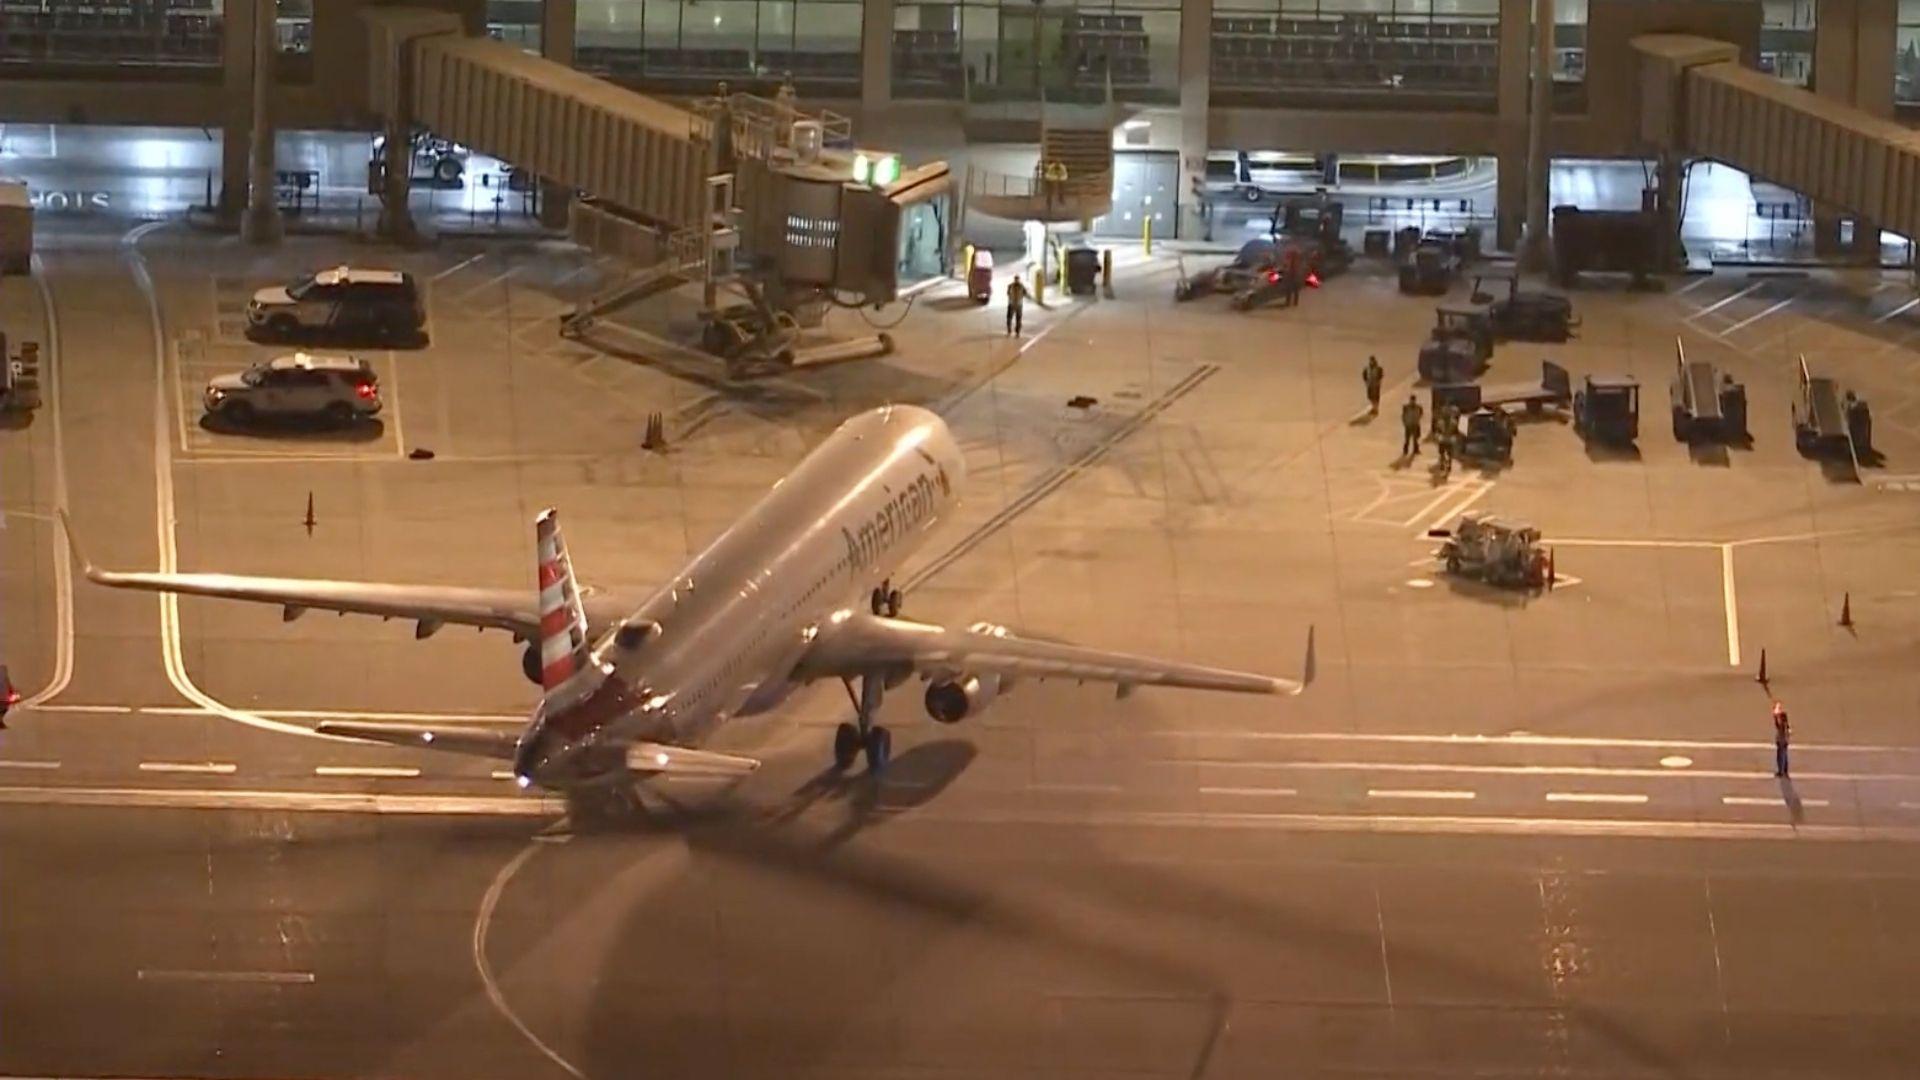 Flight from JFK diverted after passenger attacks flight attendant